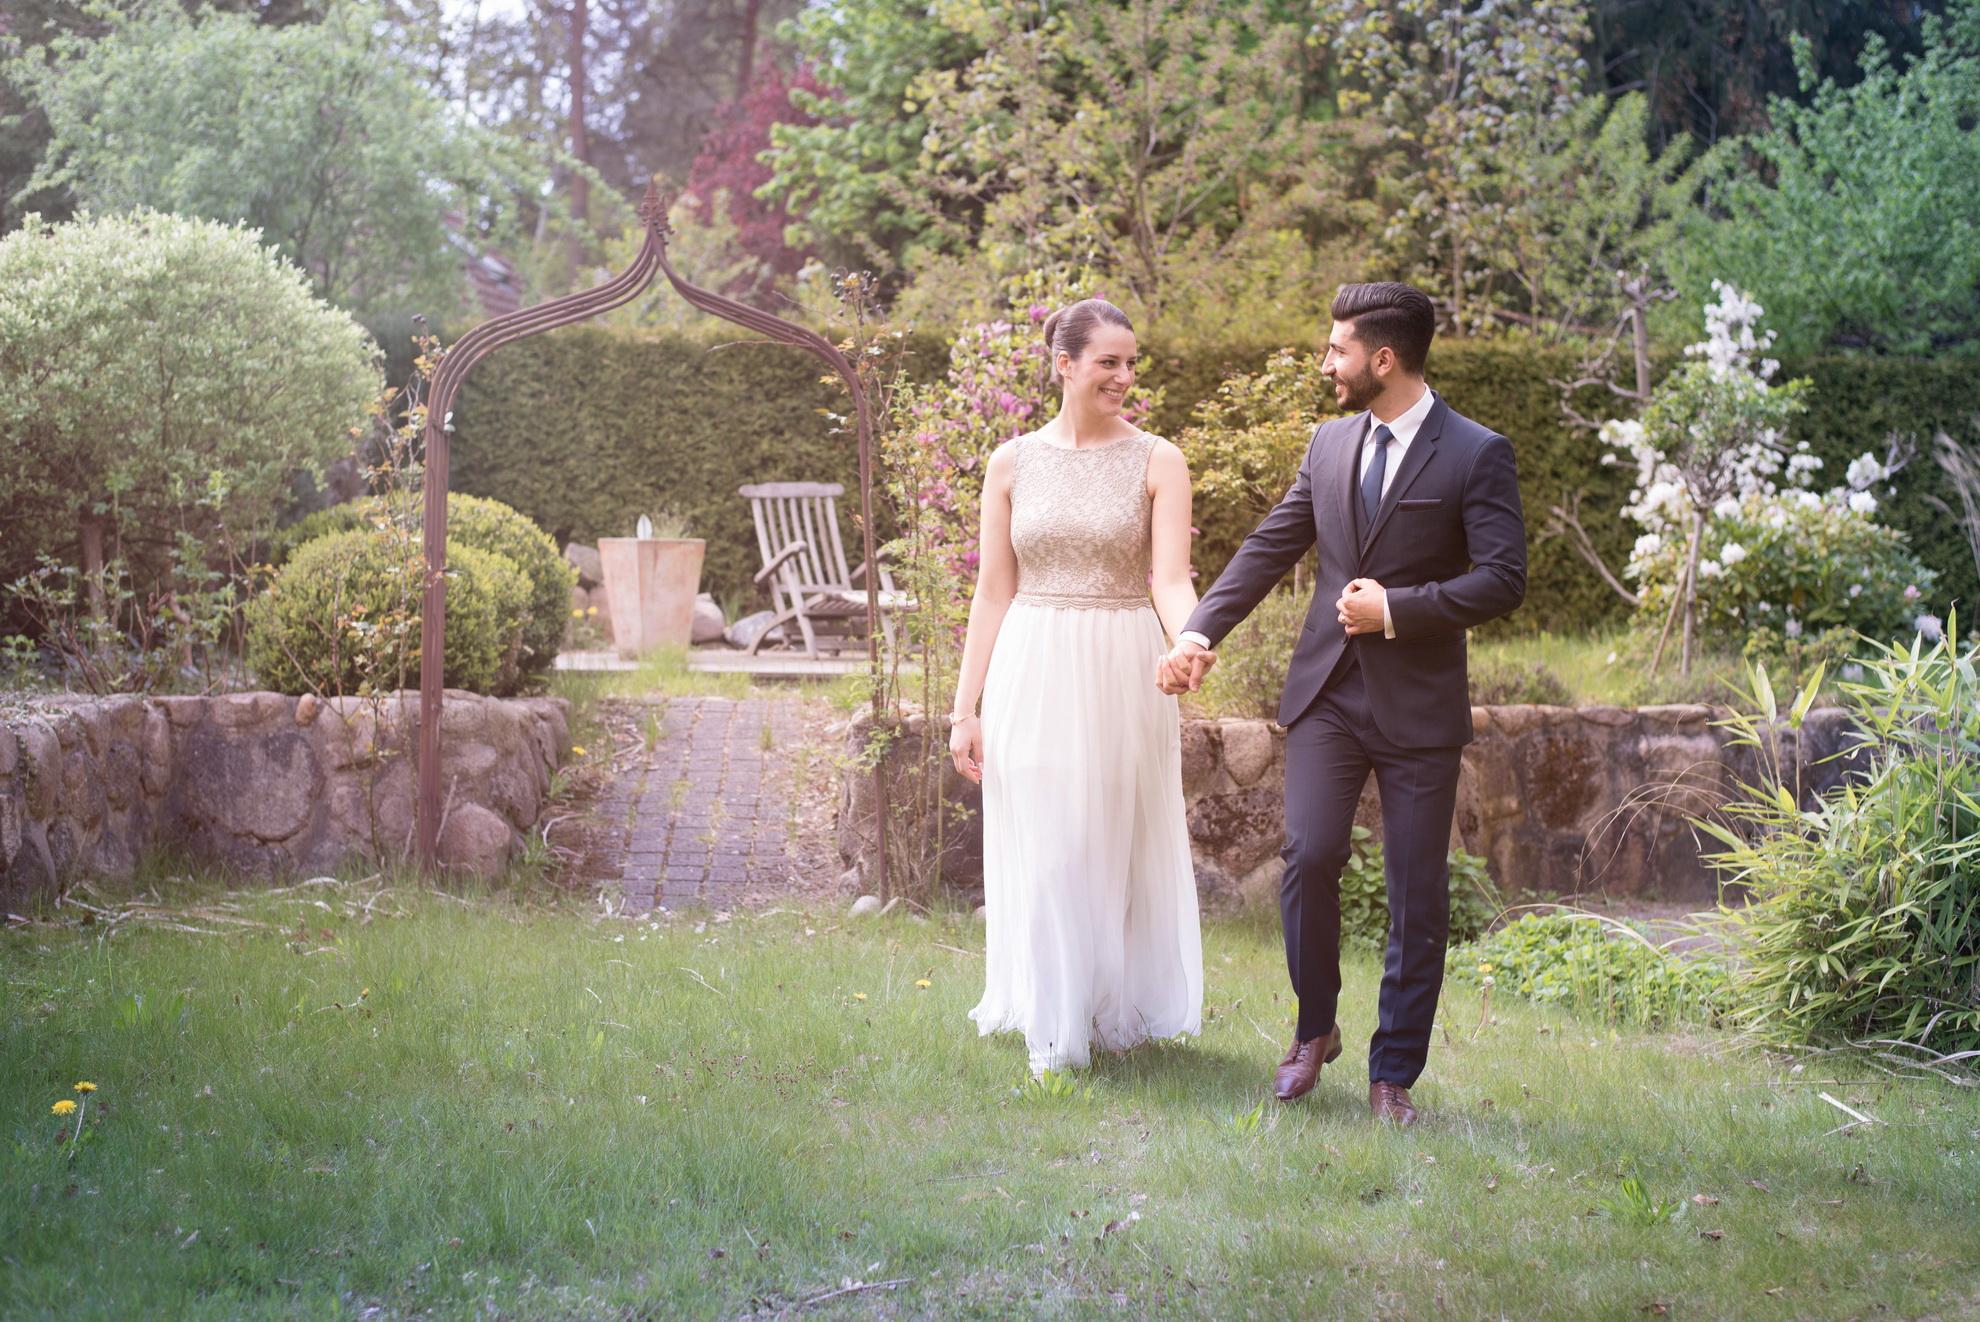 Lena und Bertan 26 Wedding Hochzeit Couple Paar Liebe Claudia Sittig Photography G1980-1322